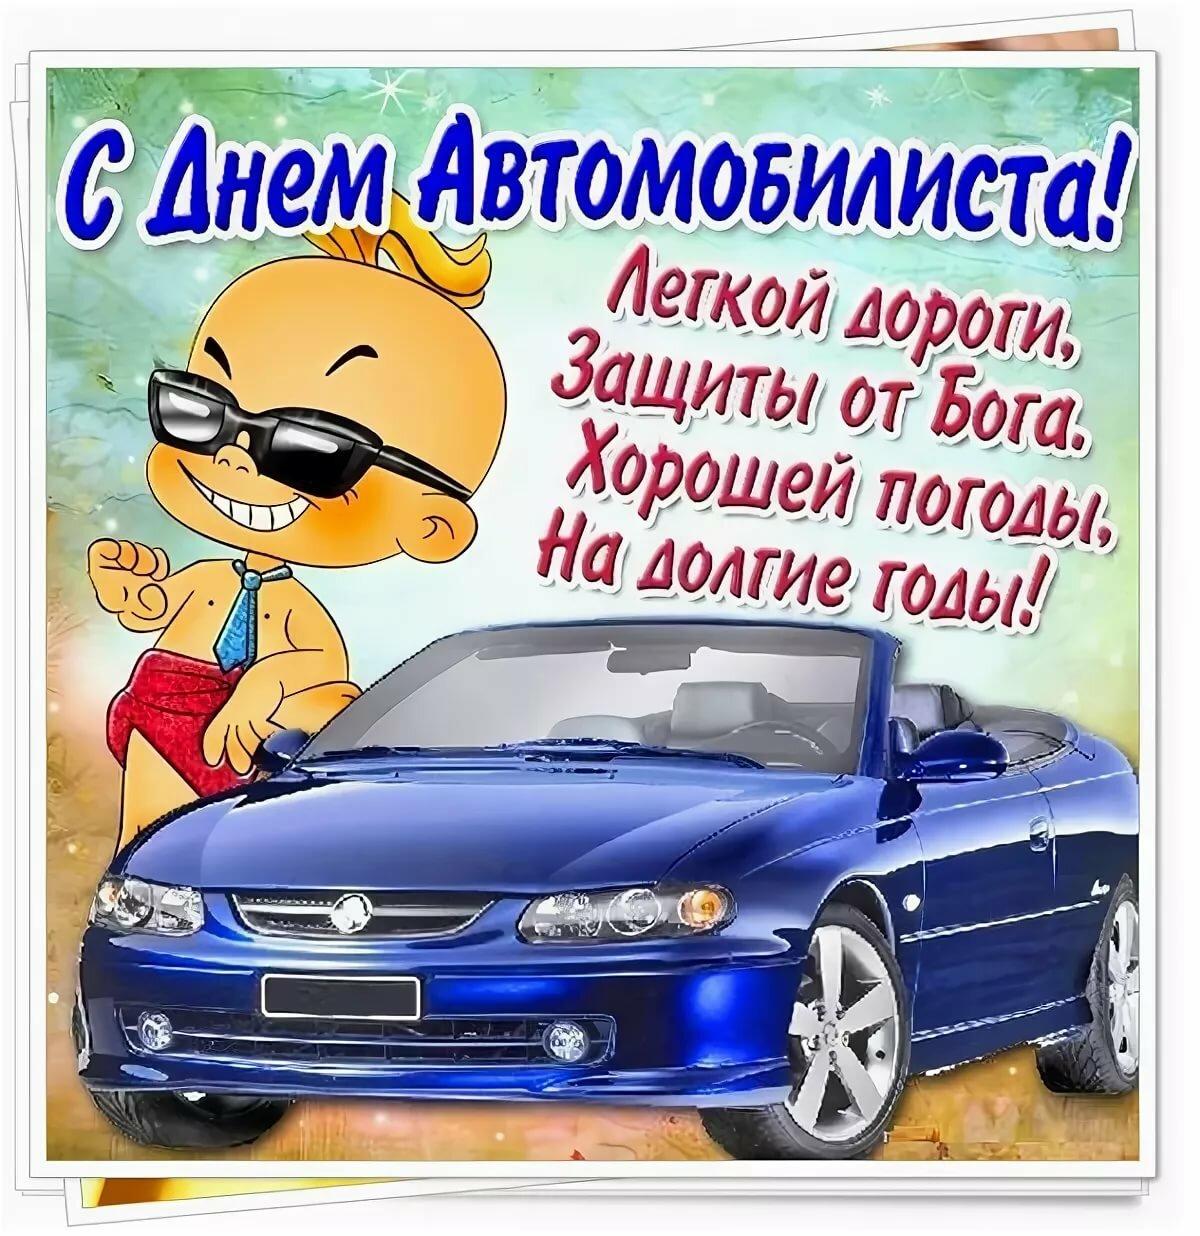 Поздравление любителю авто